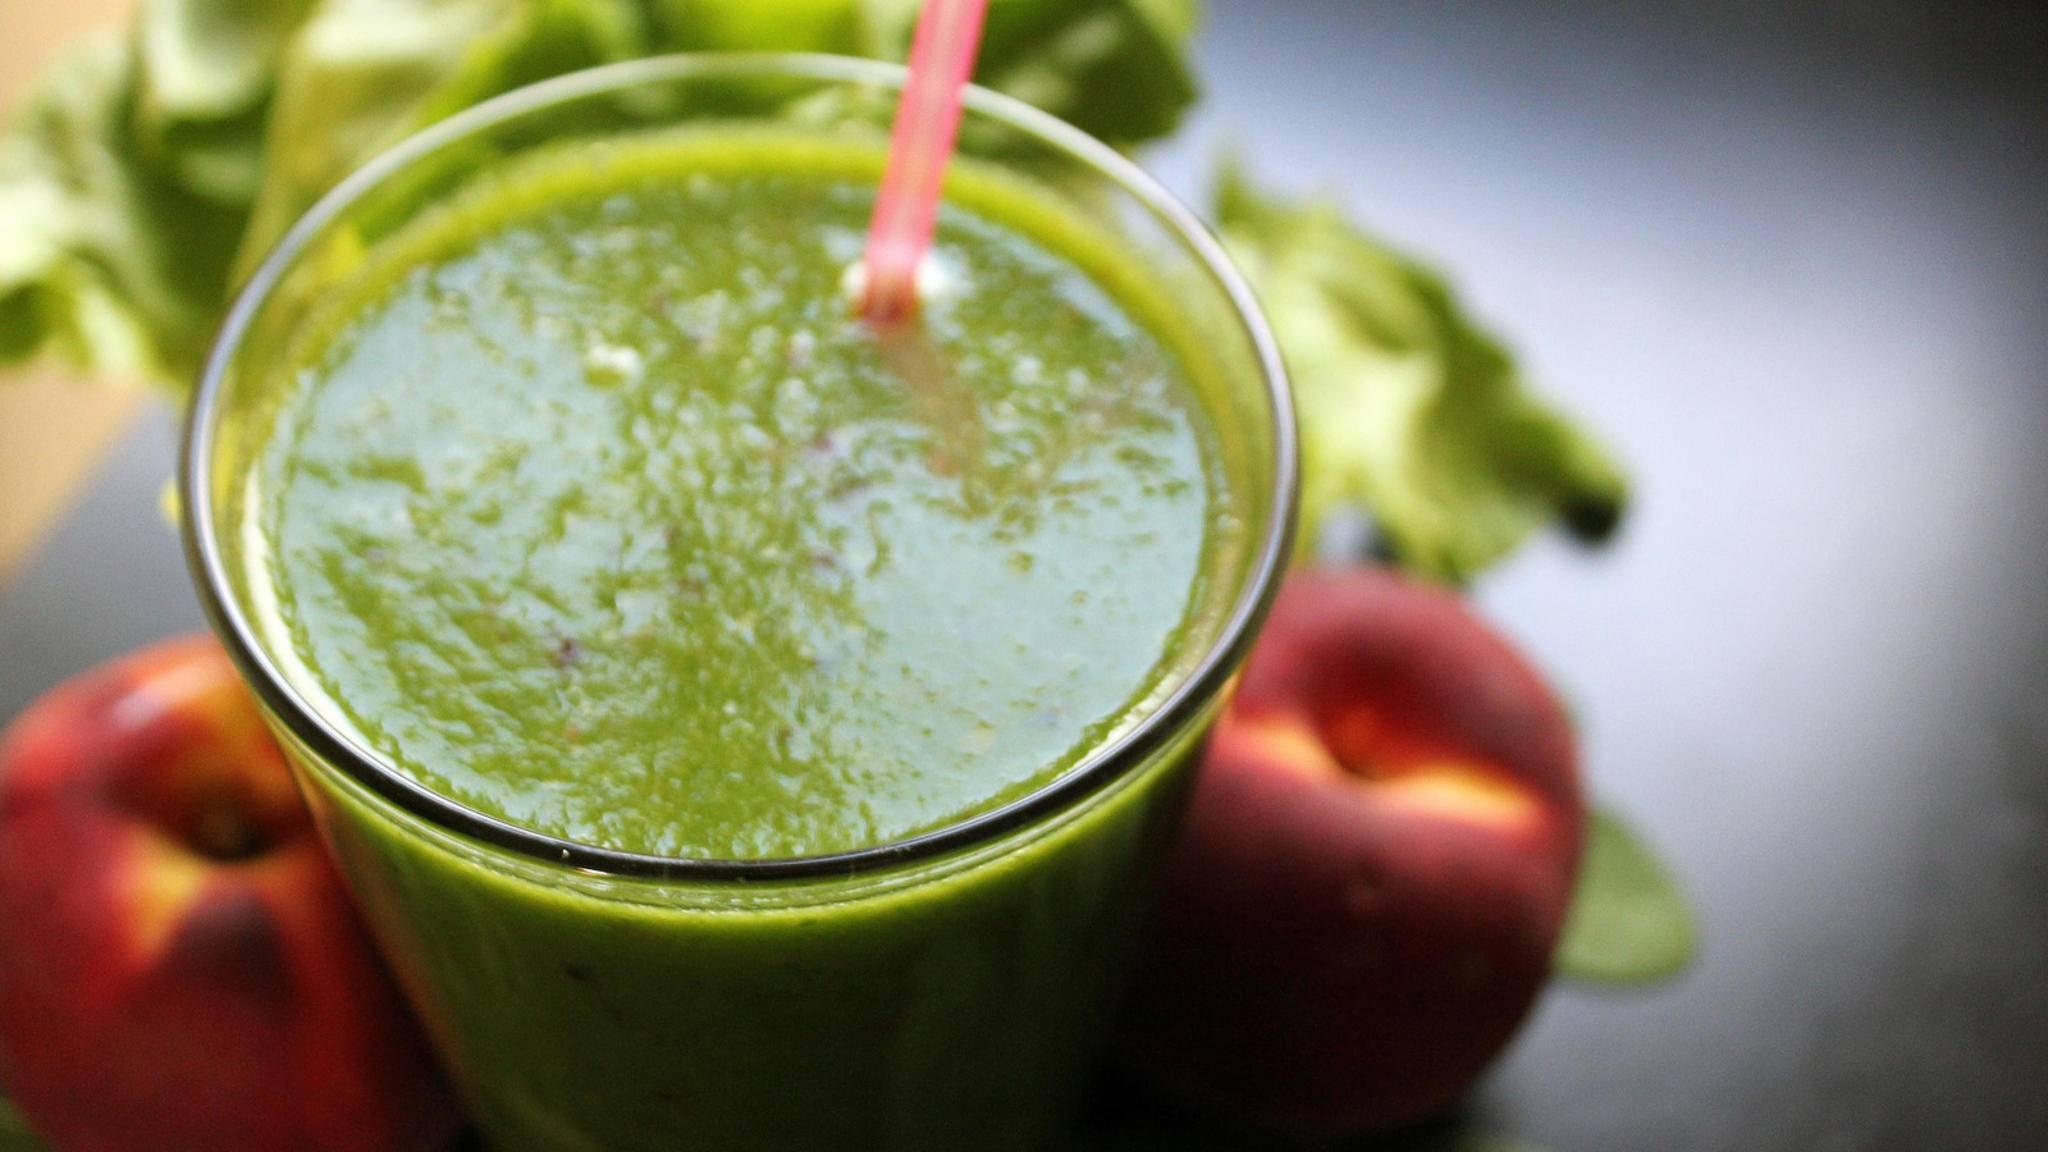 Gesund und ungewöhnlich im Geschmack: Grüne Smoothies sind zurzeit der große Trend.